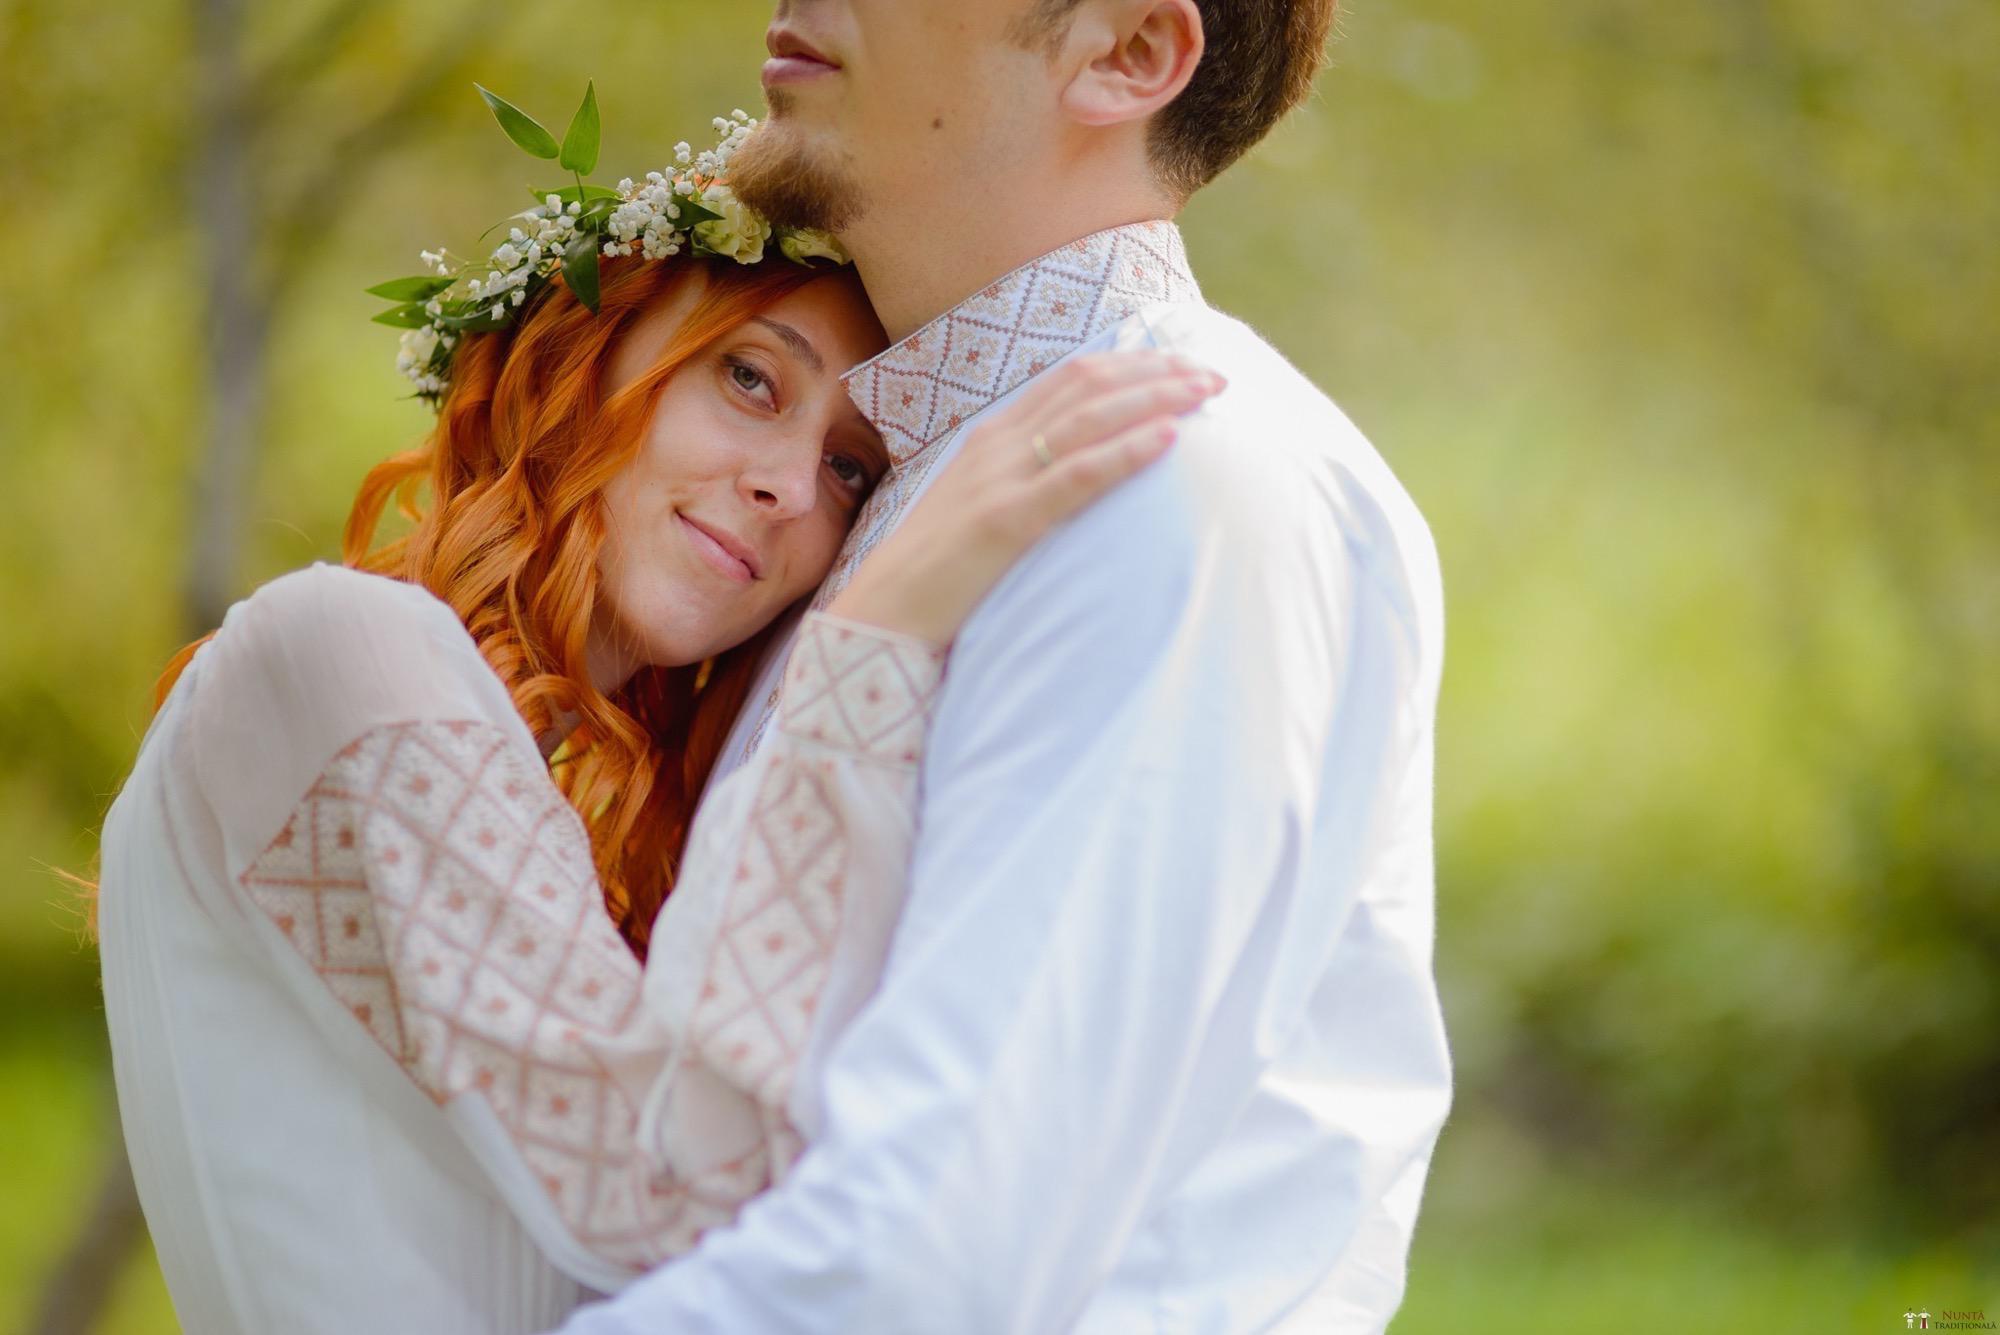 Povești Nunți Tradiționale - Aurelian și Sonia. Nuntă tradițională în Câmpulung Moldovenesc 18